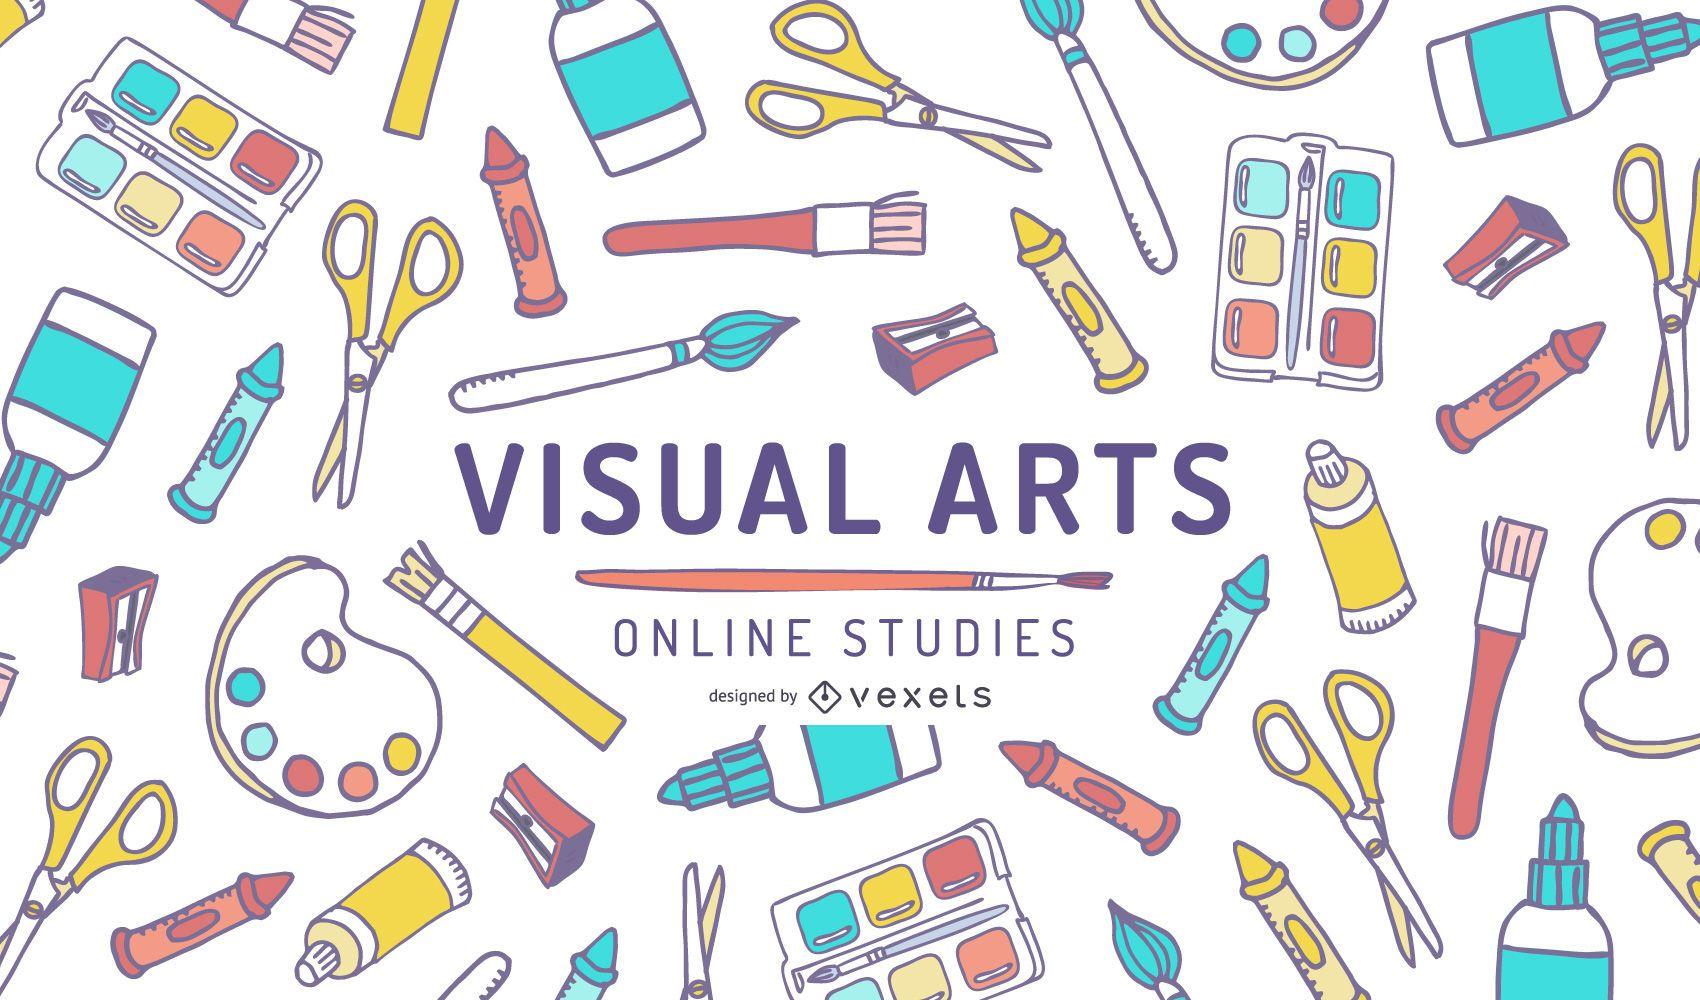 Diseño de portada de estudios en línea de artes visuales